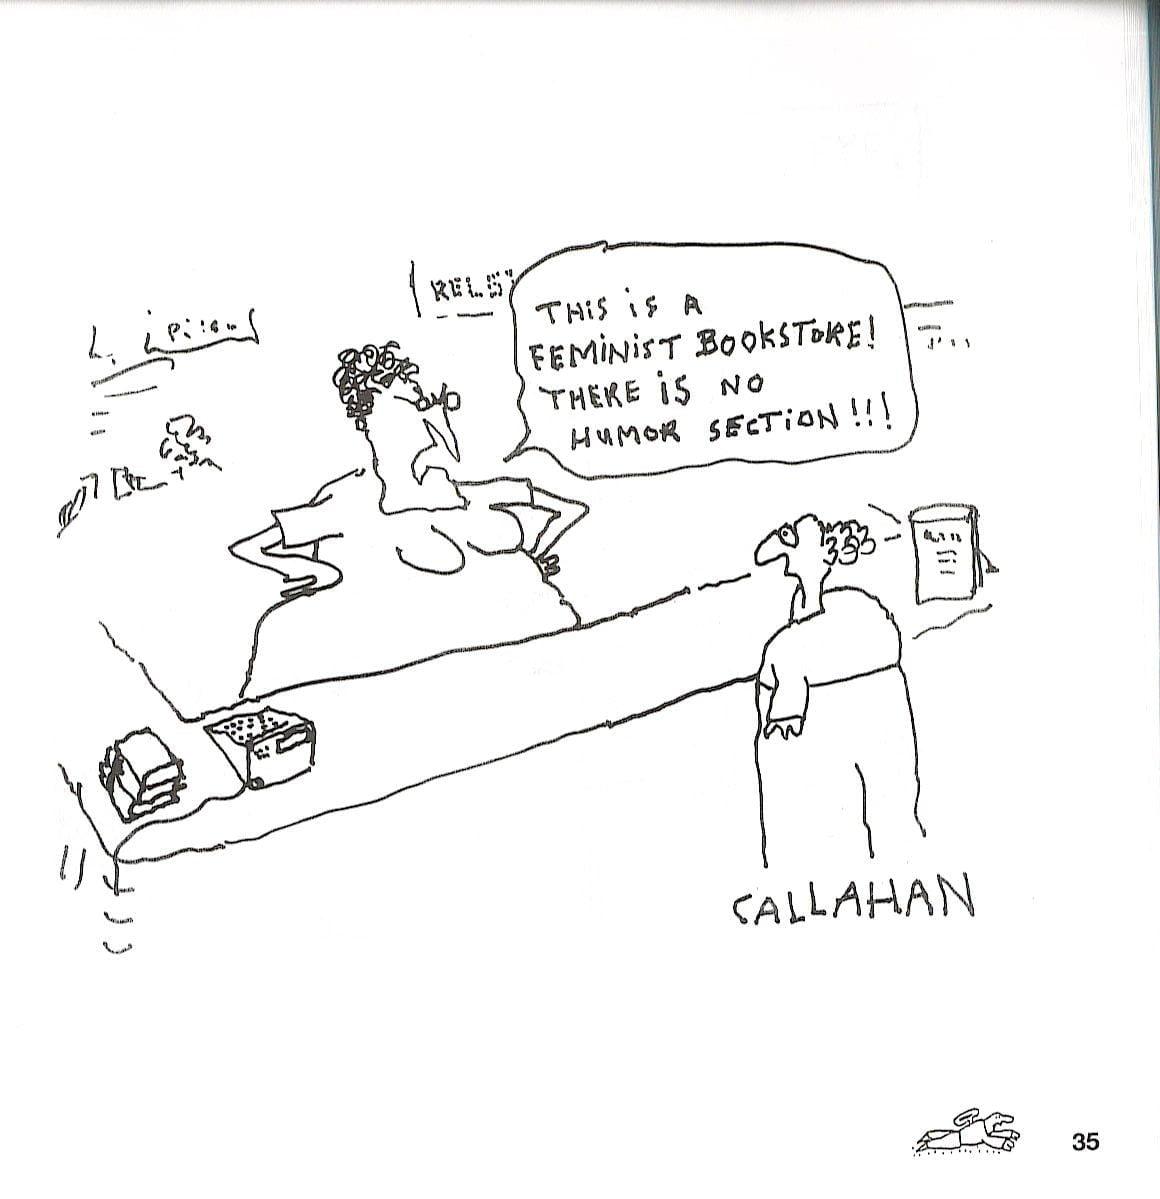 John Callahan, una de sus viñetas